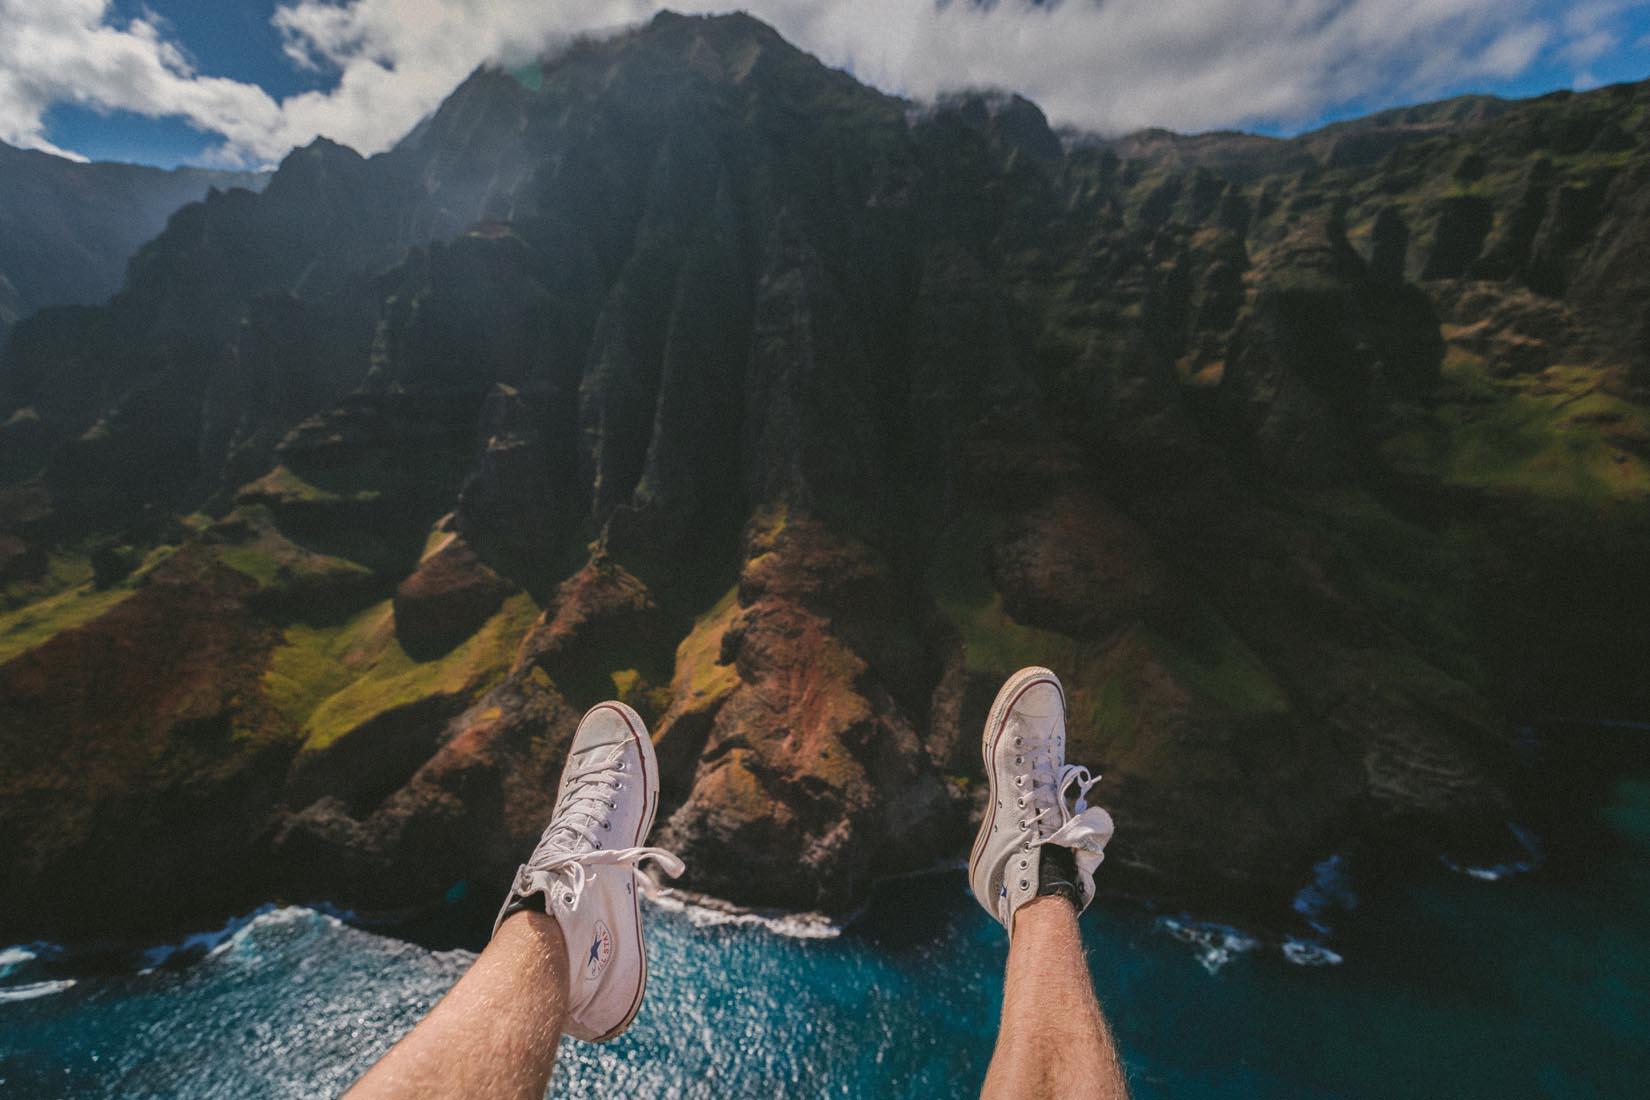 The relaxing ocean waves